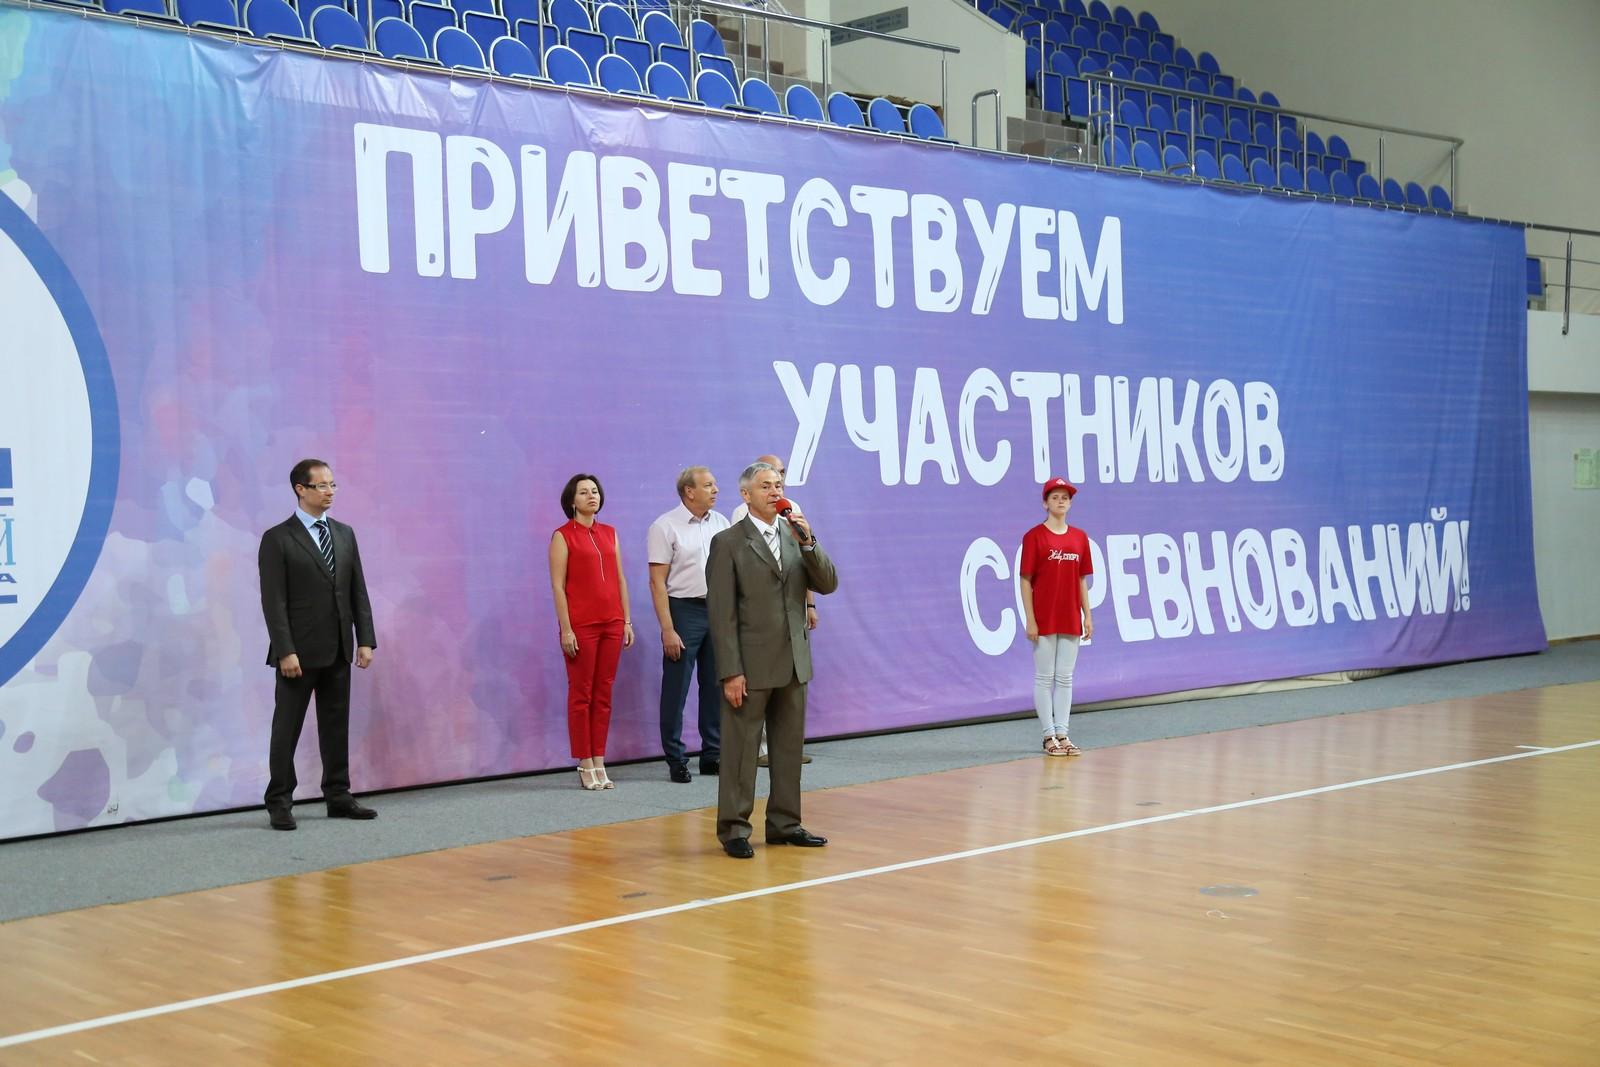 П.А. Рожков в г. Раменском принял участие в церемонии открытия и просмотре соревнований Всероссийской летней спартакиады детей-инвалидов с поражением опорно-двигательного аппарата